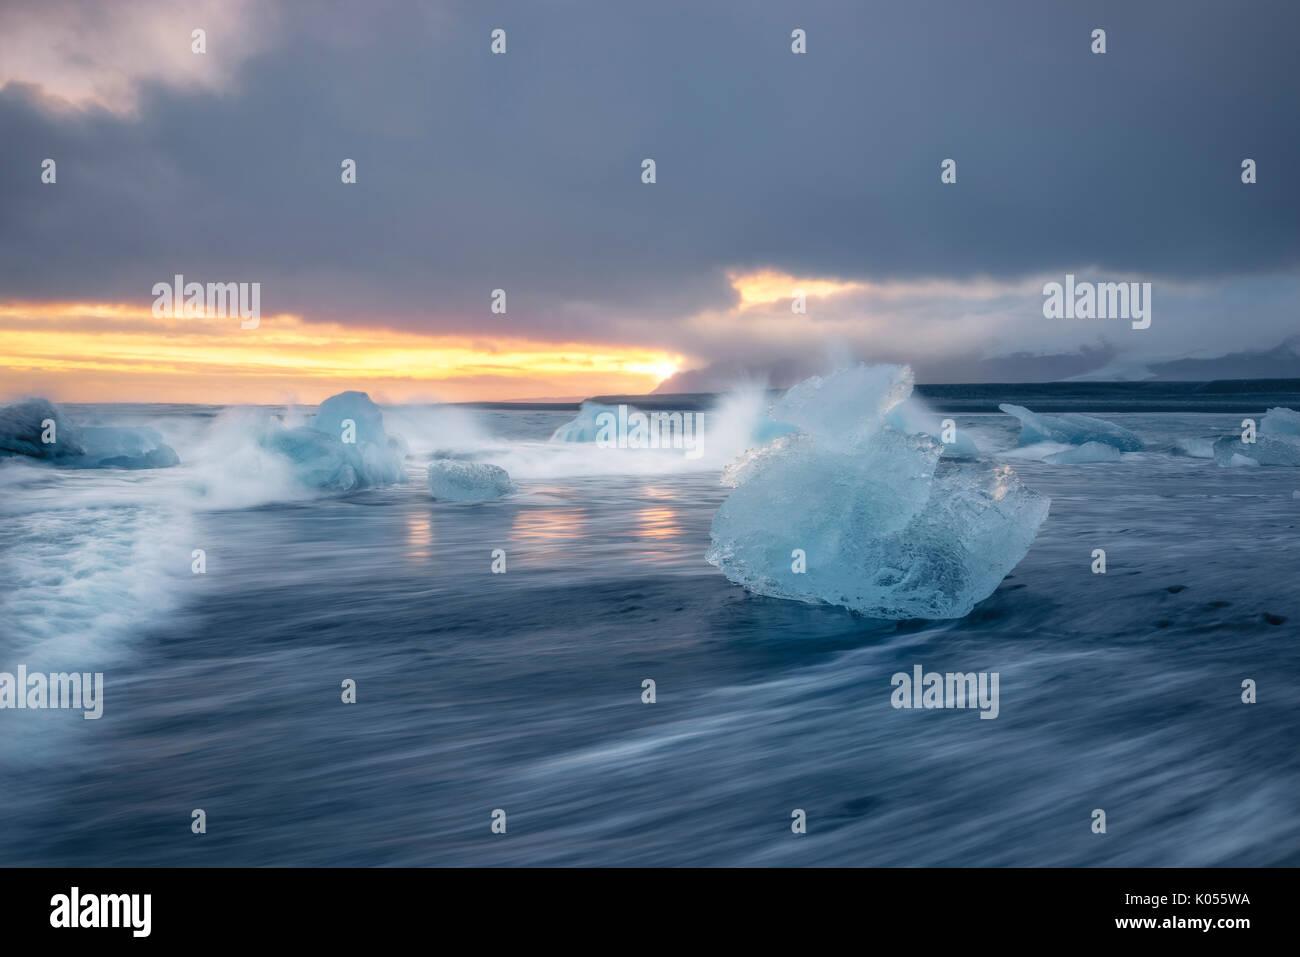 Bloque de hielo en la playa negra en la Laguna glaciar Jokulsarlon durante una puesta de sol, el este de Islandia, Europa Foto de stock